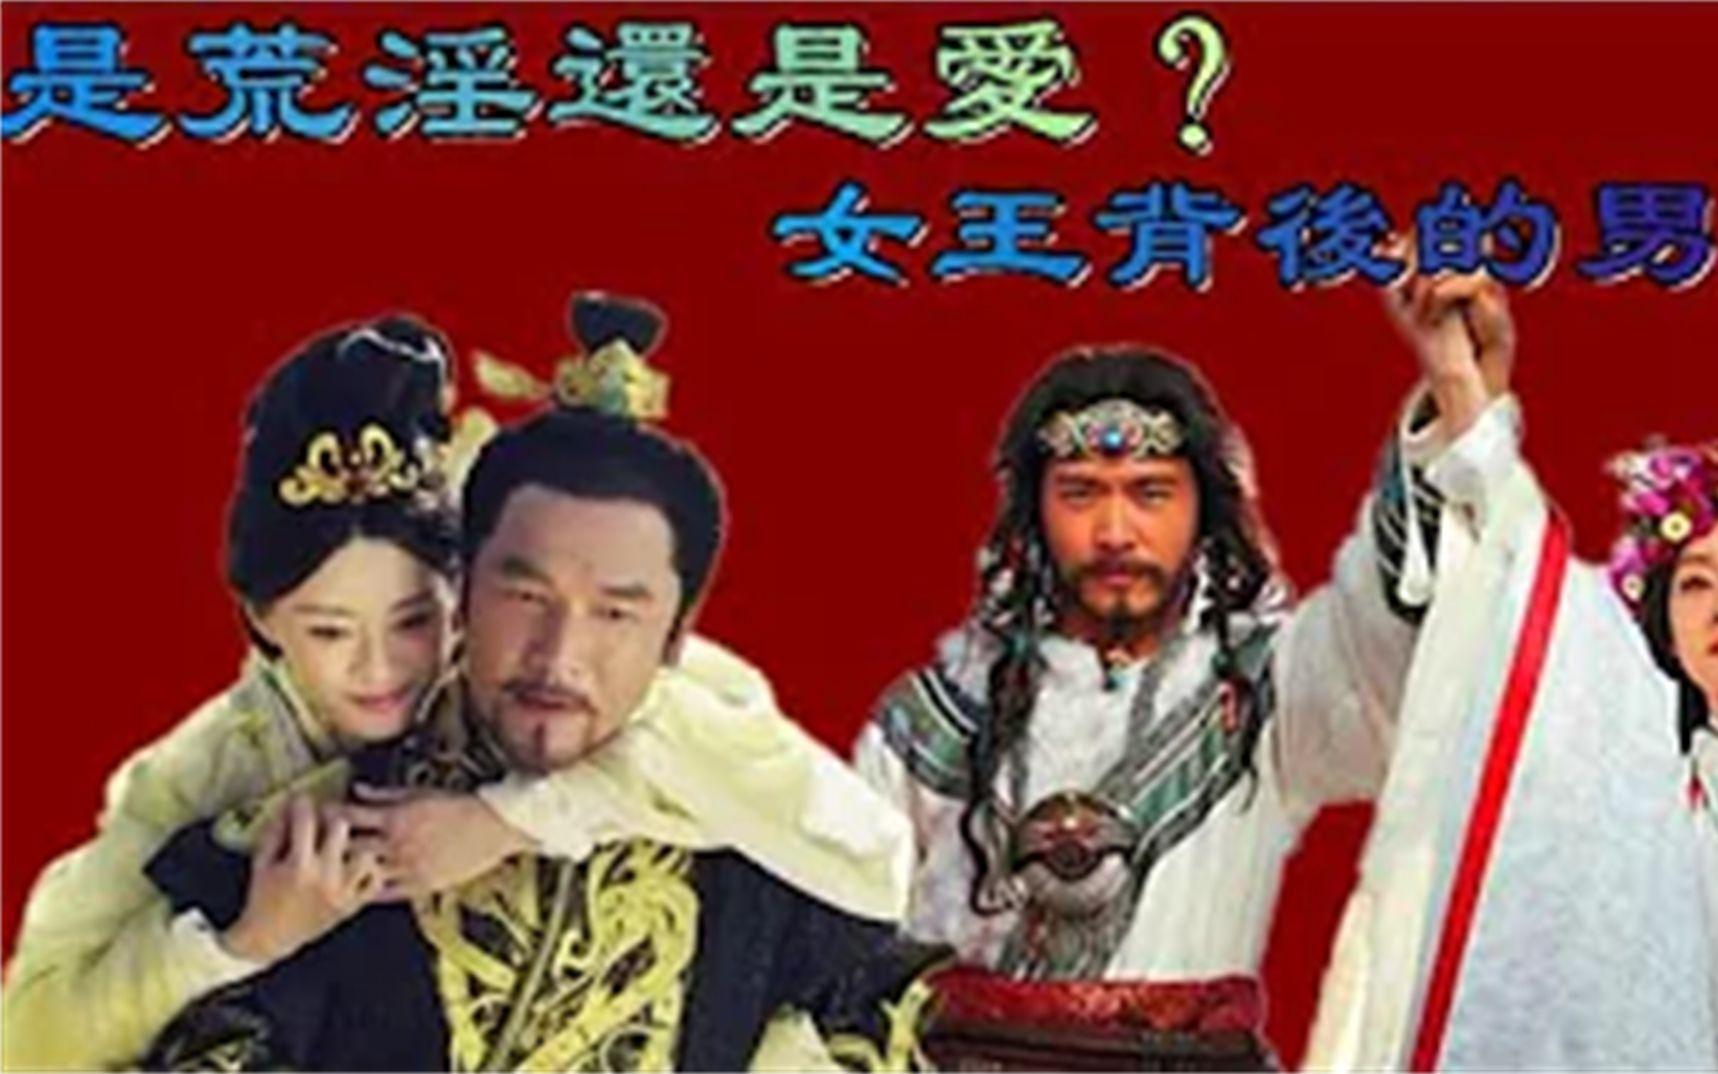 芈月传:女王的男人们,秦王、义渠王,在不同时期给她不同的爱!